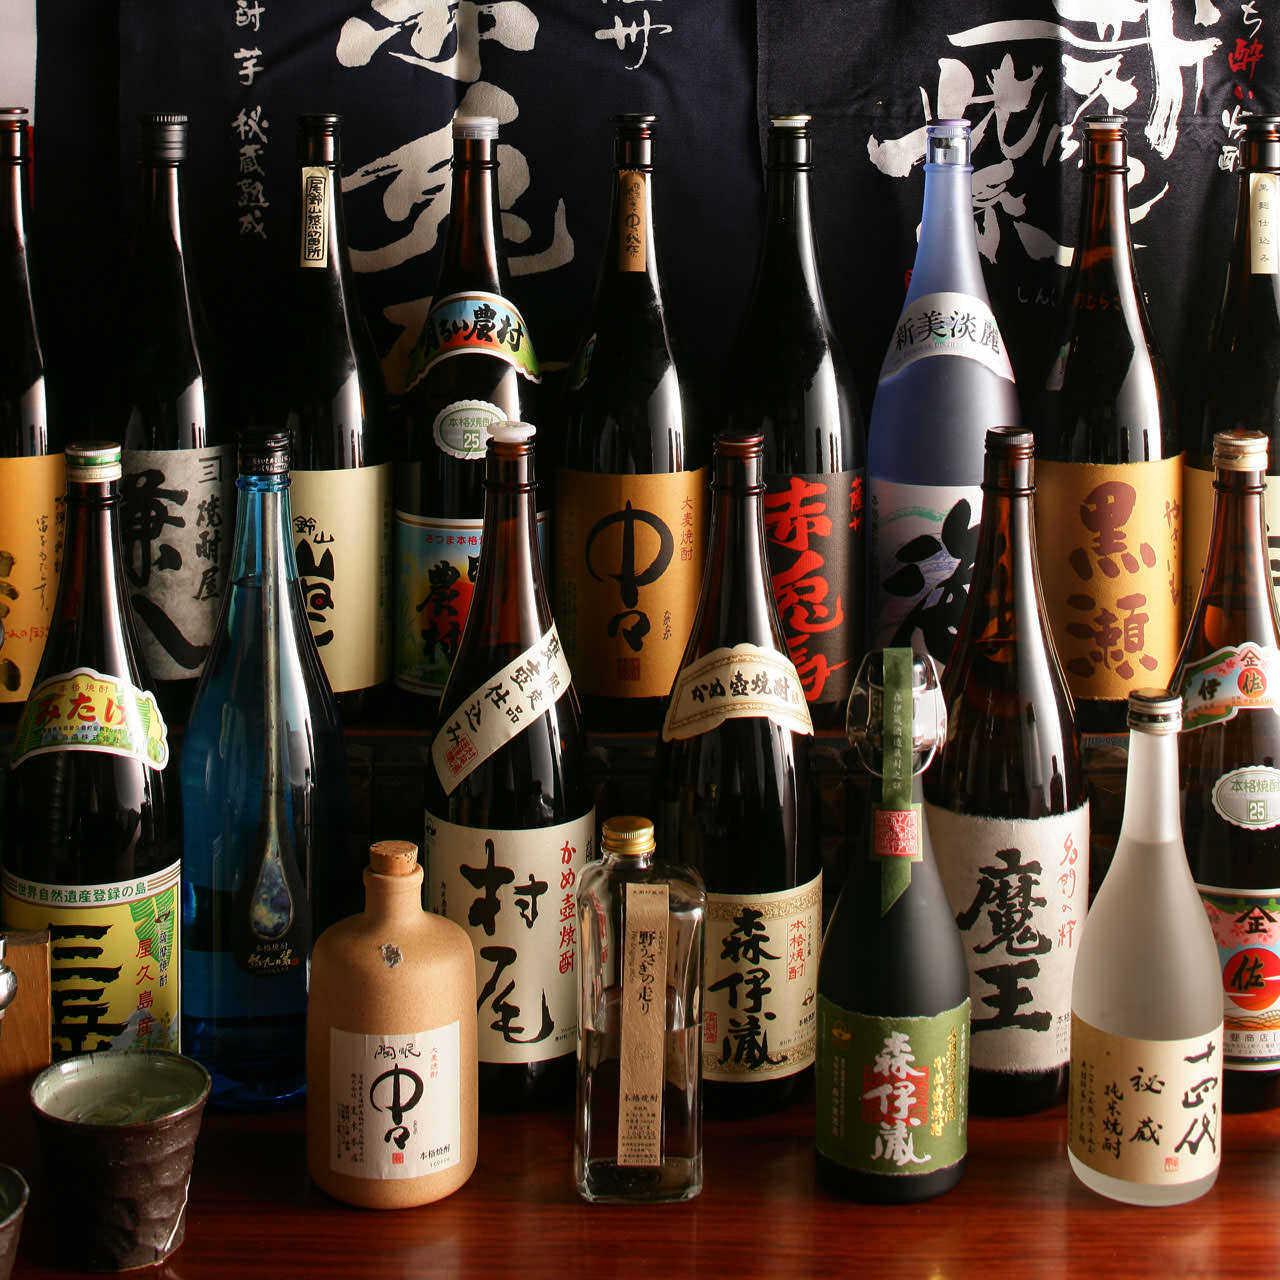 【単品飲み放題】焼酎90種類 &生ビール・サワー各種ドリンク飲み放題!90分1500円